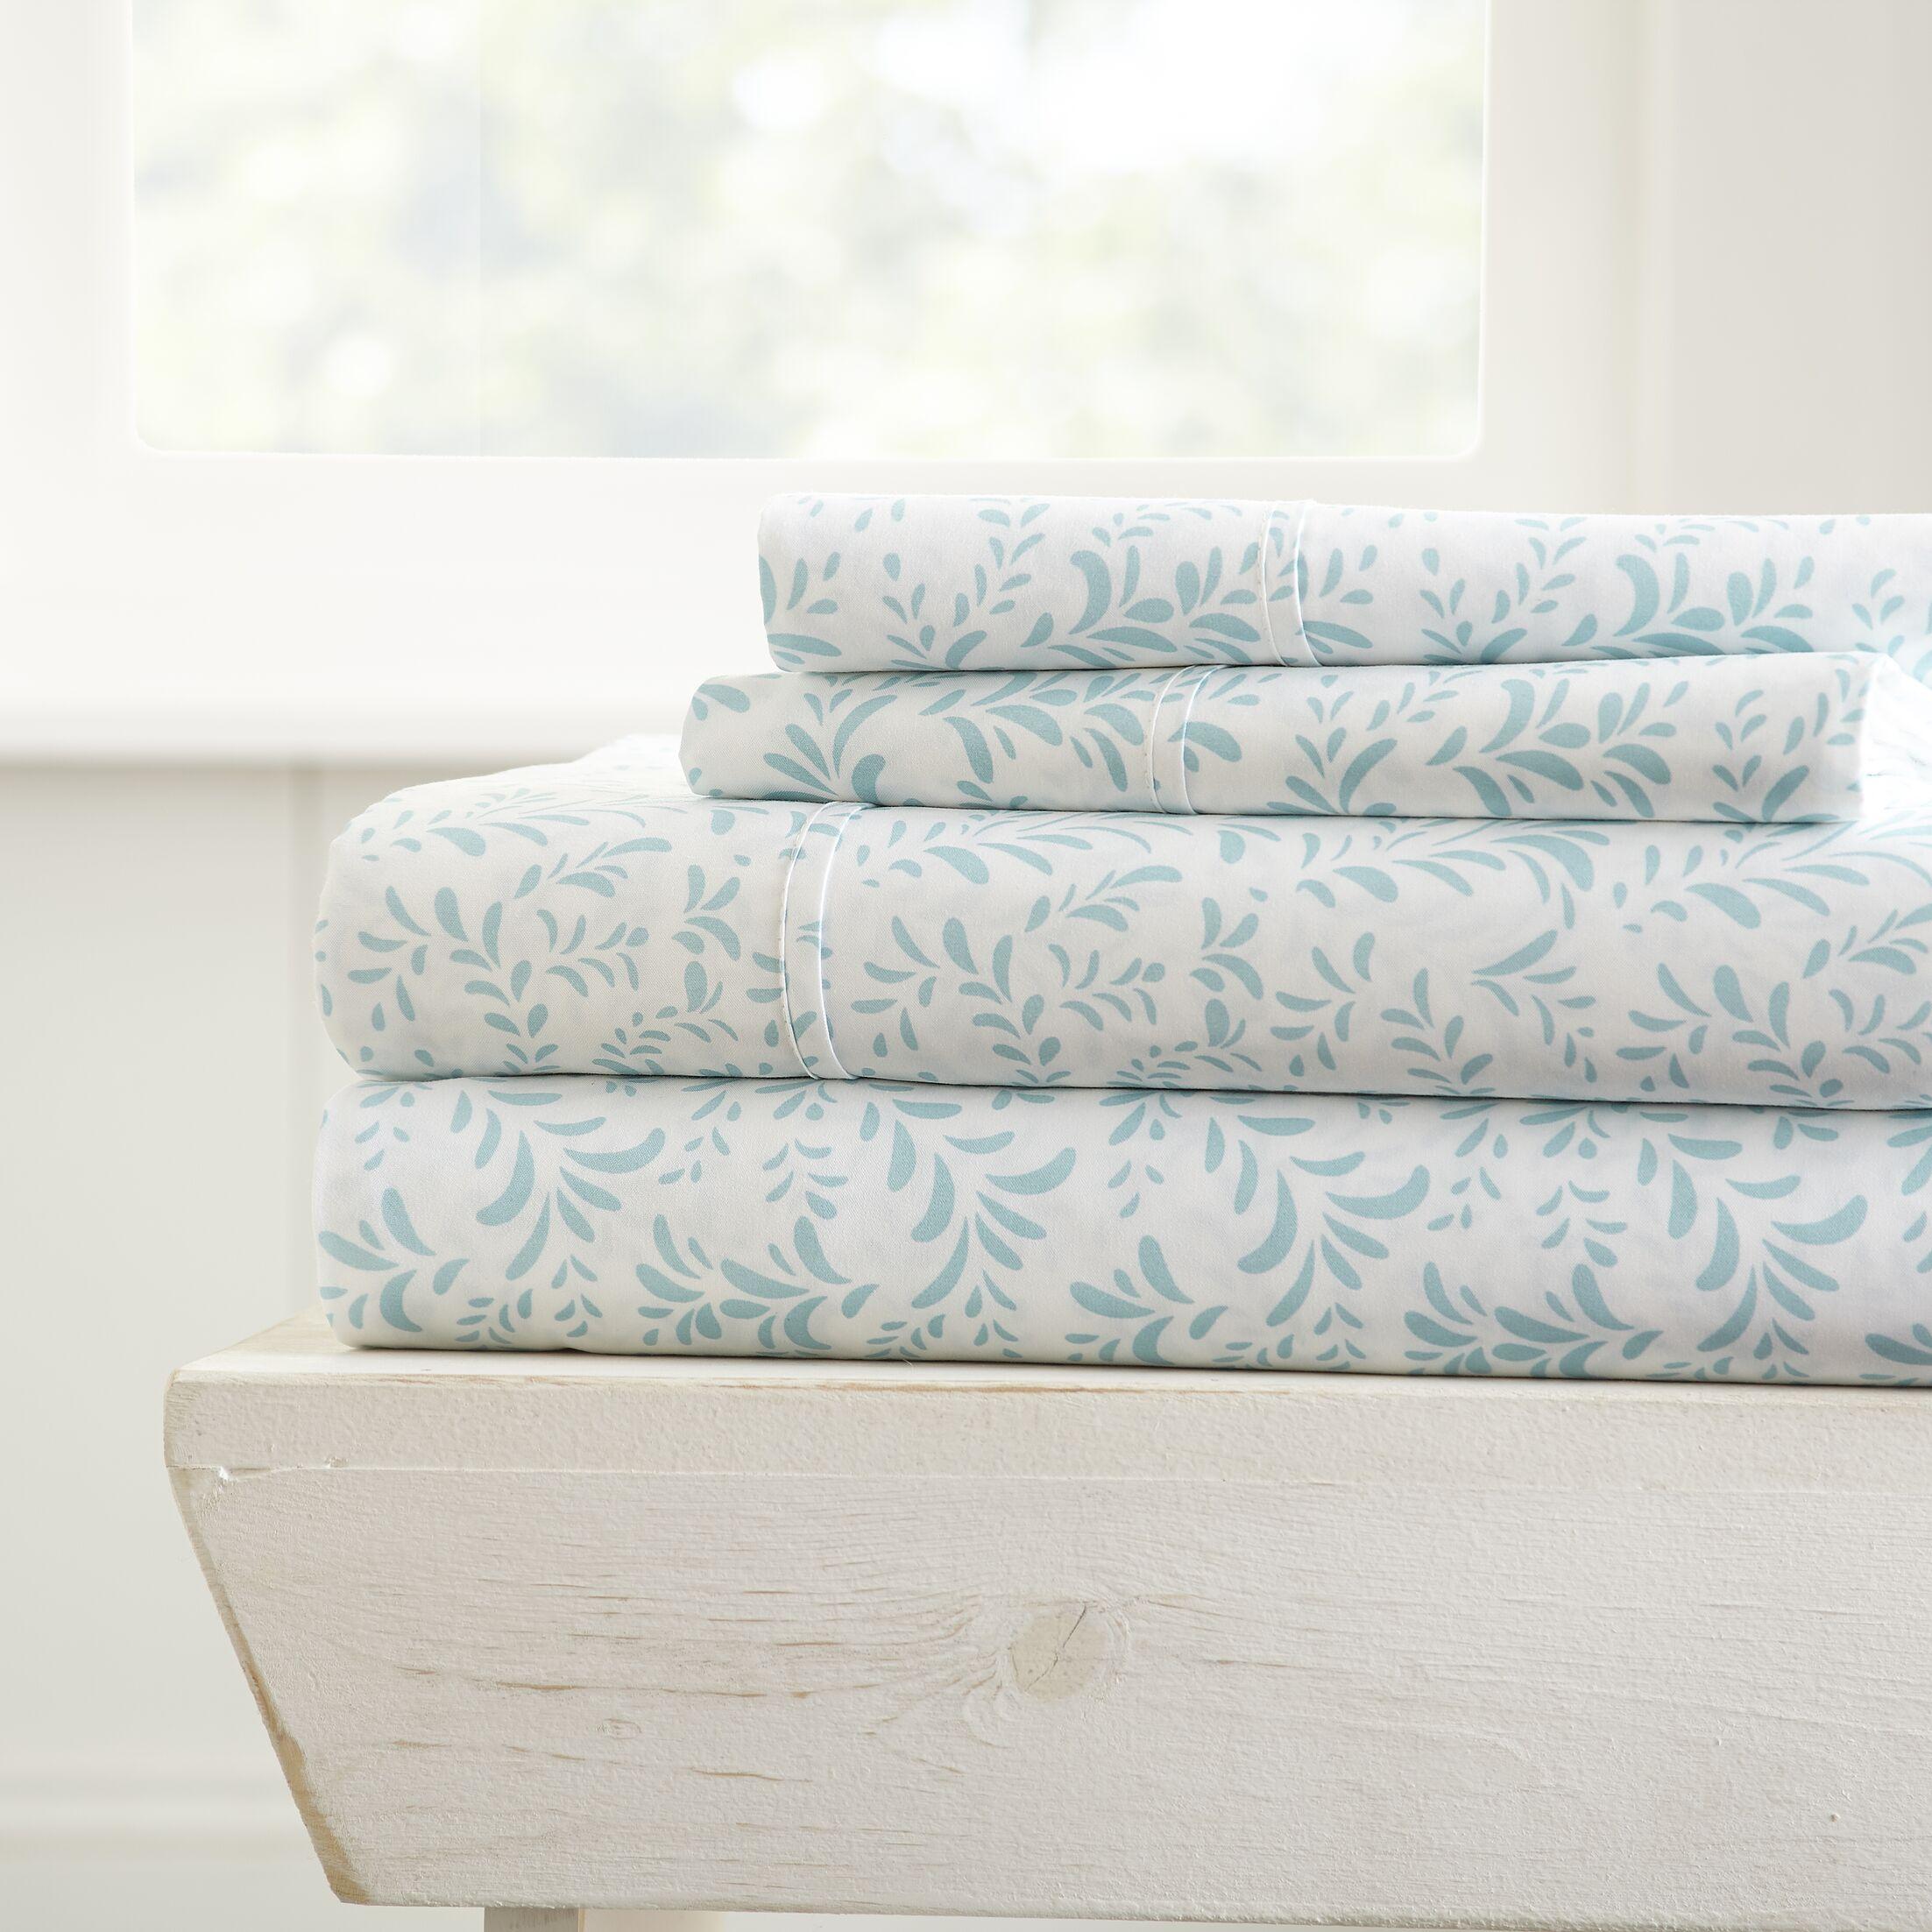 Plainsboro Premium Printed Sheet Set Size: Full, Color: Light Blue